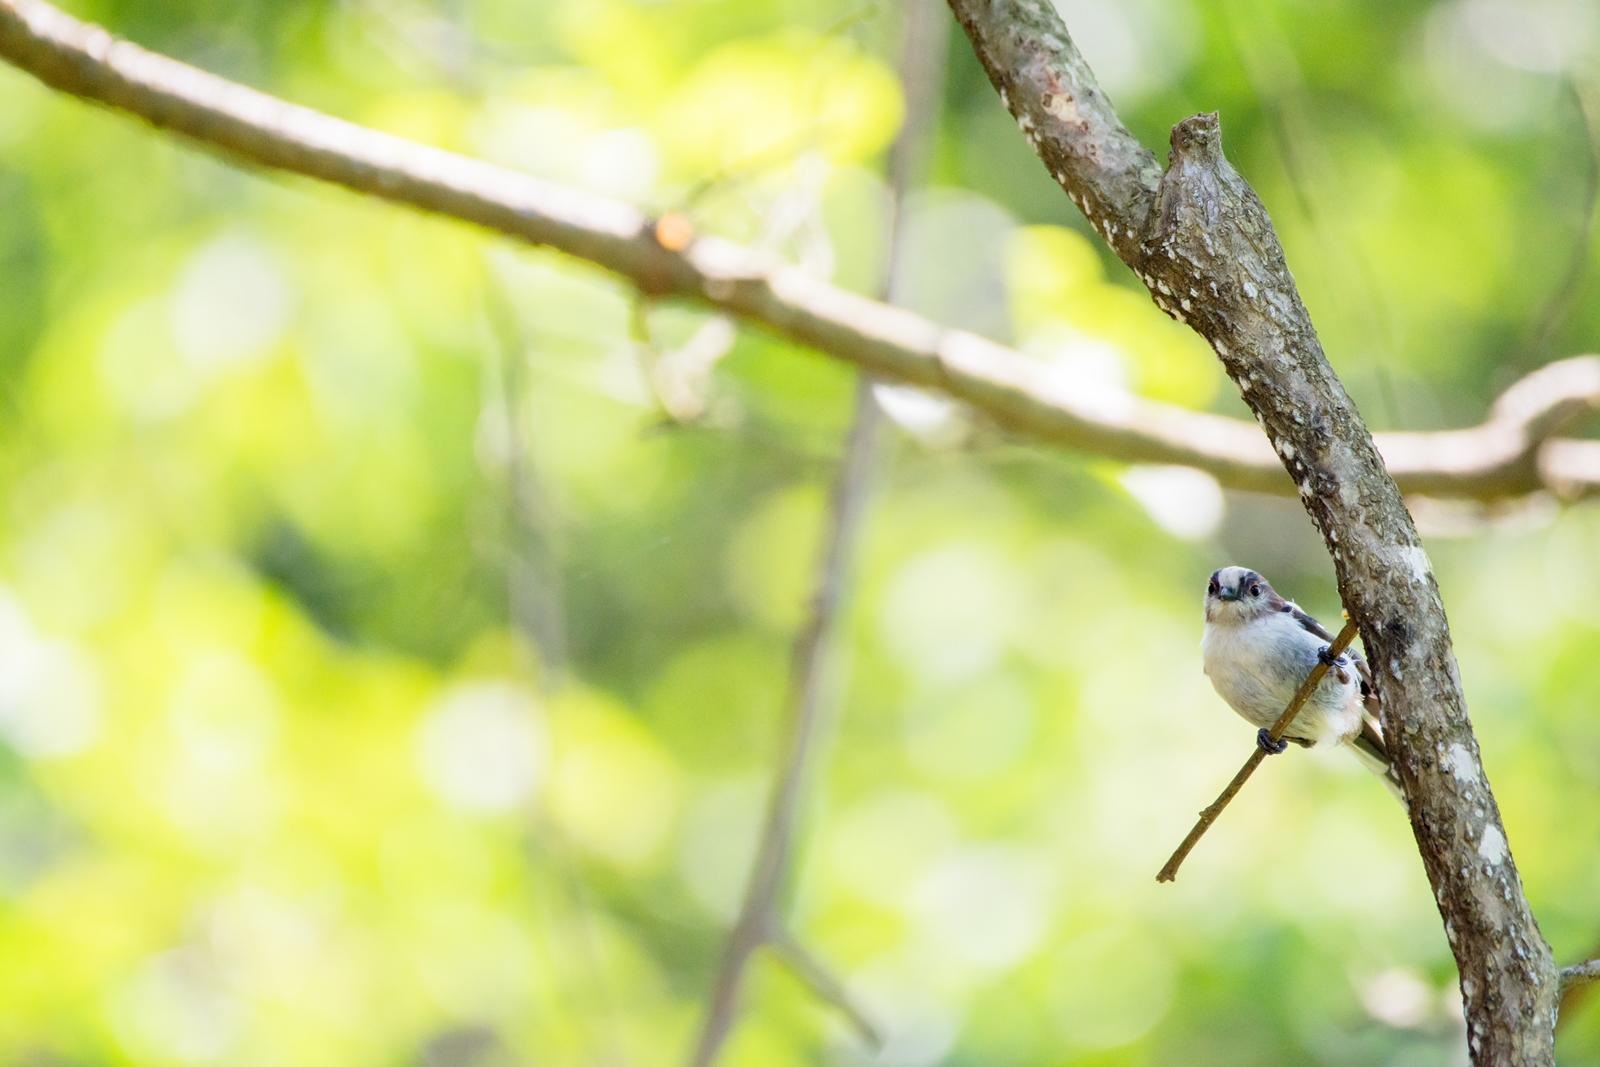 Photo: 見ているよ People watching.  見てる こちらを見てる 森へと訪れる人間たちを 遠くからじっと 見ているよ  Long-tailed Tit. (エナガ)  #birdphotography #birds  #cooljapan #kawaii  #nikon #sigma   Nikon D7200 SIGMA 150-600mm F5-6.3 DG OS HSM Contemporary